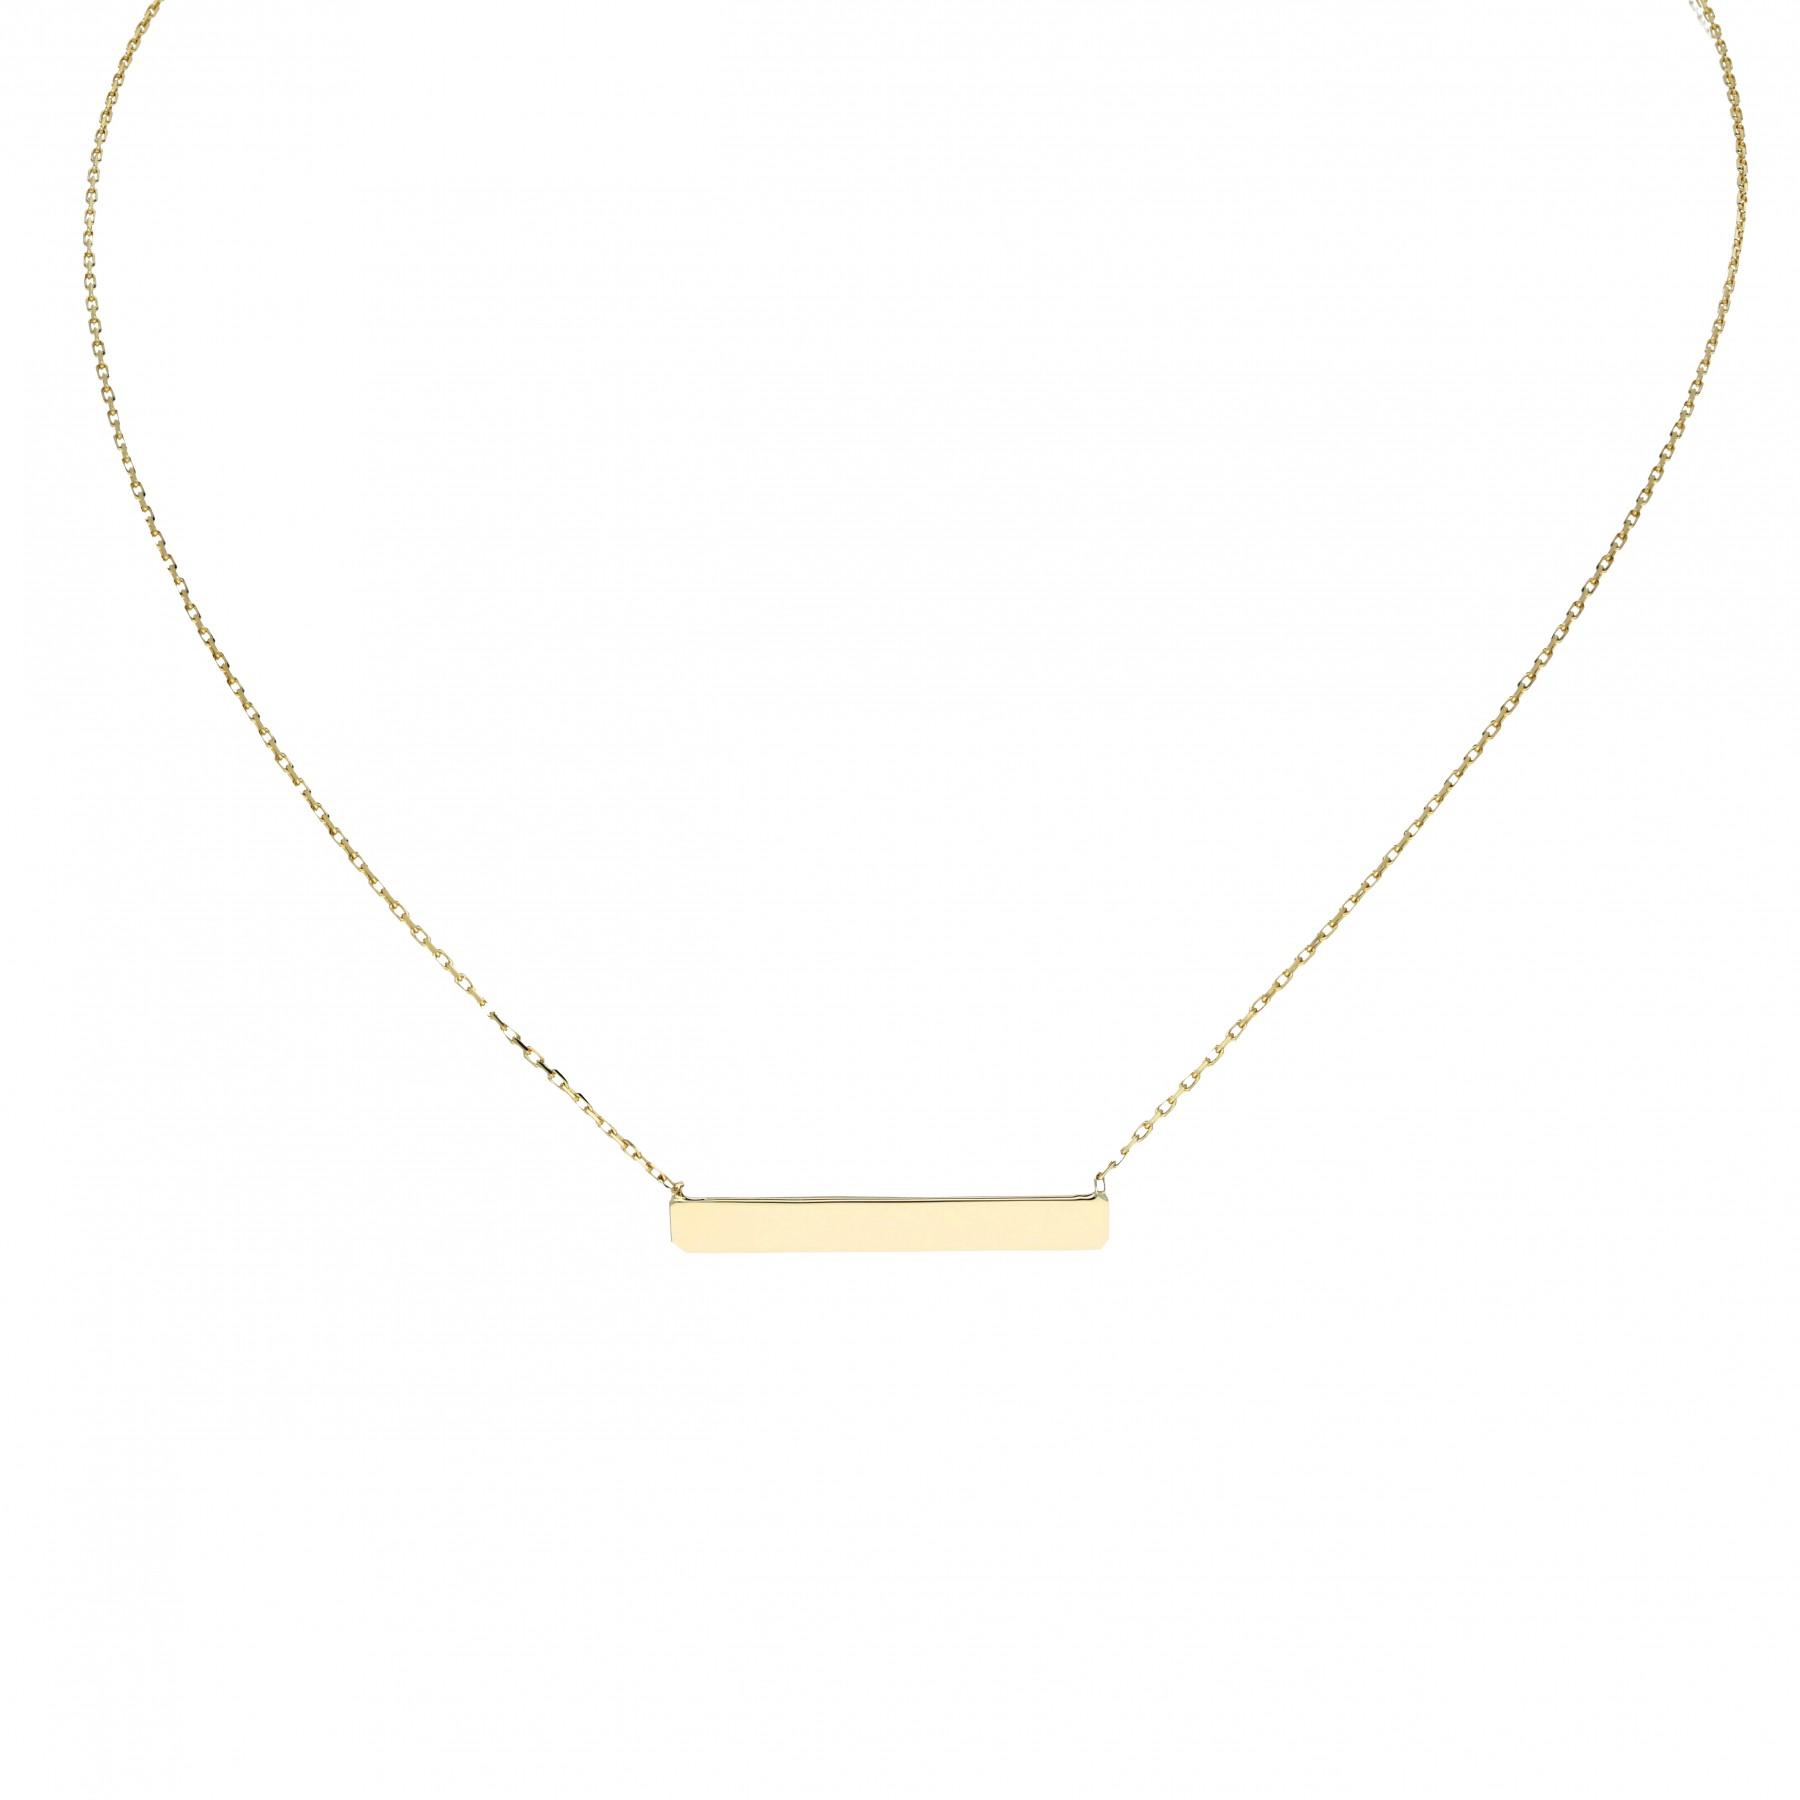 Glow Gouden Collier Met Hanger - Balk 42+3cm 202.2056.45